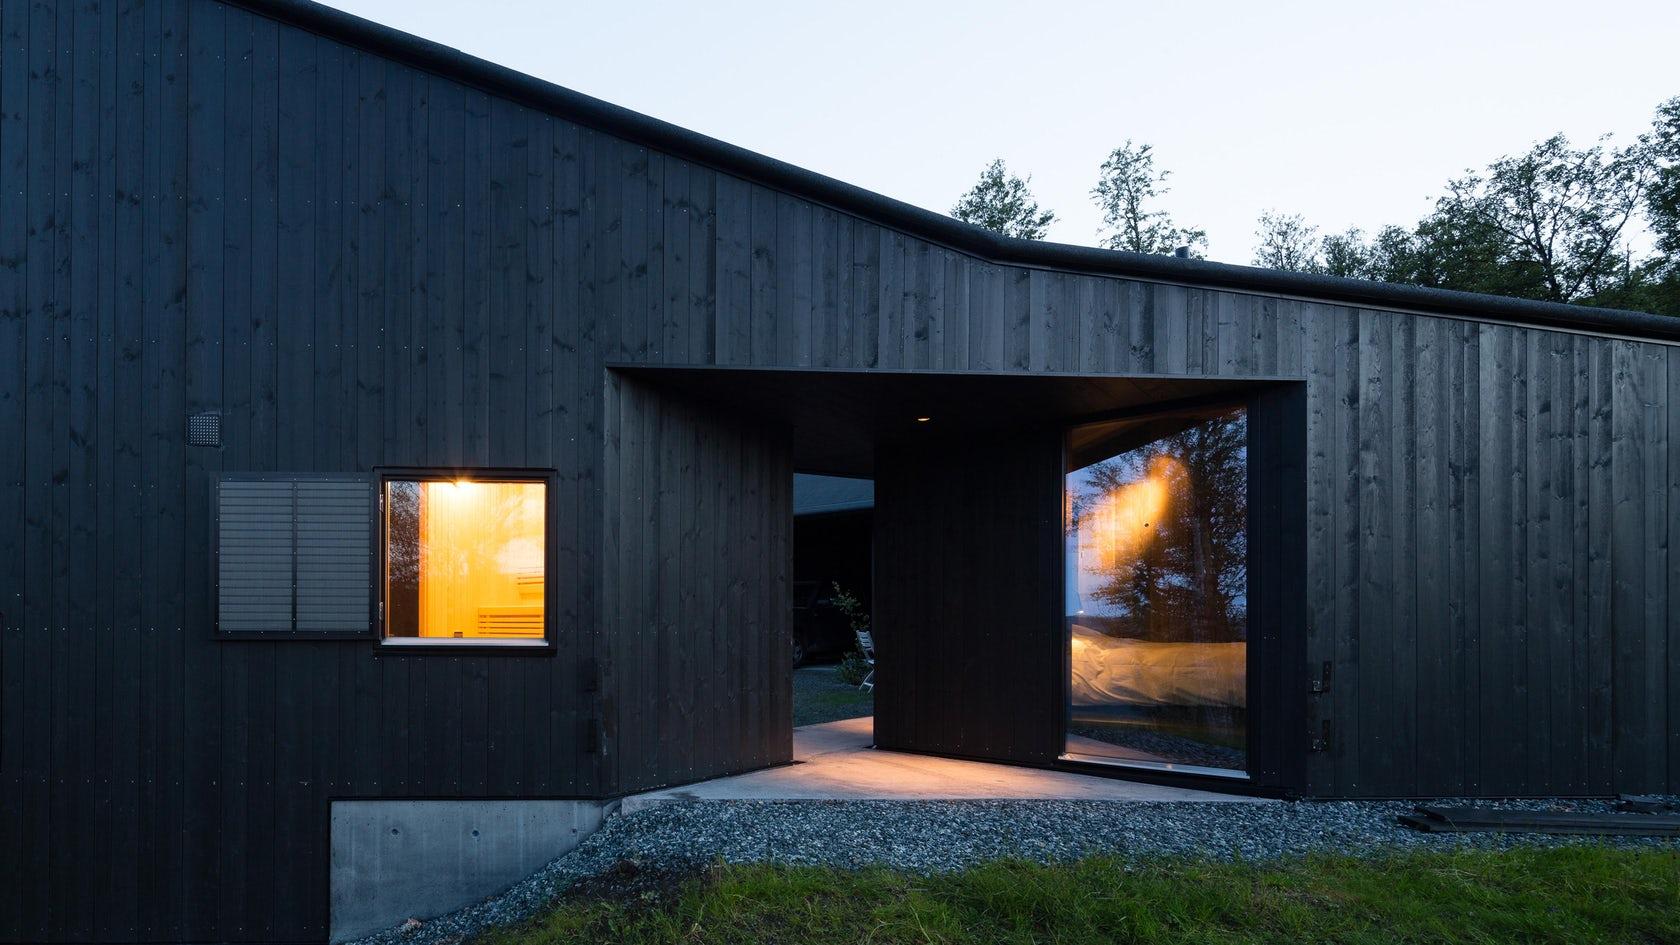 La Cabaña Geilo se funde con el paisaje escandinavo gracias a Lund Hagem